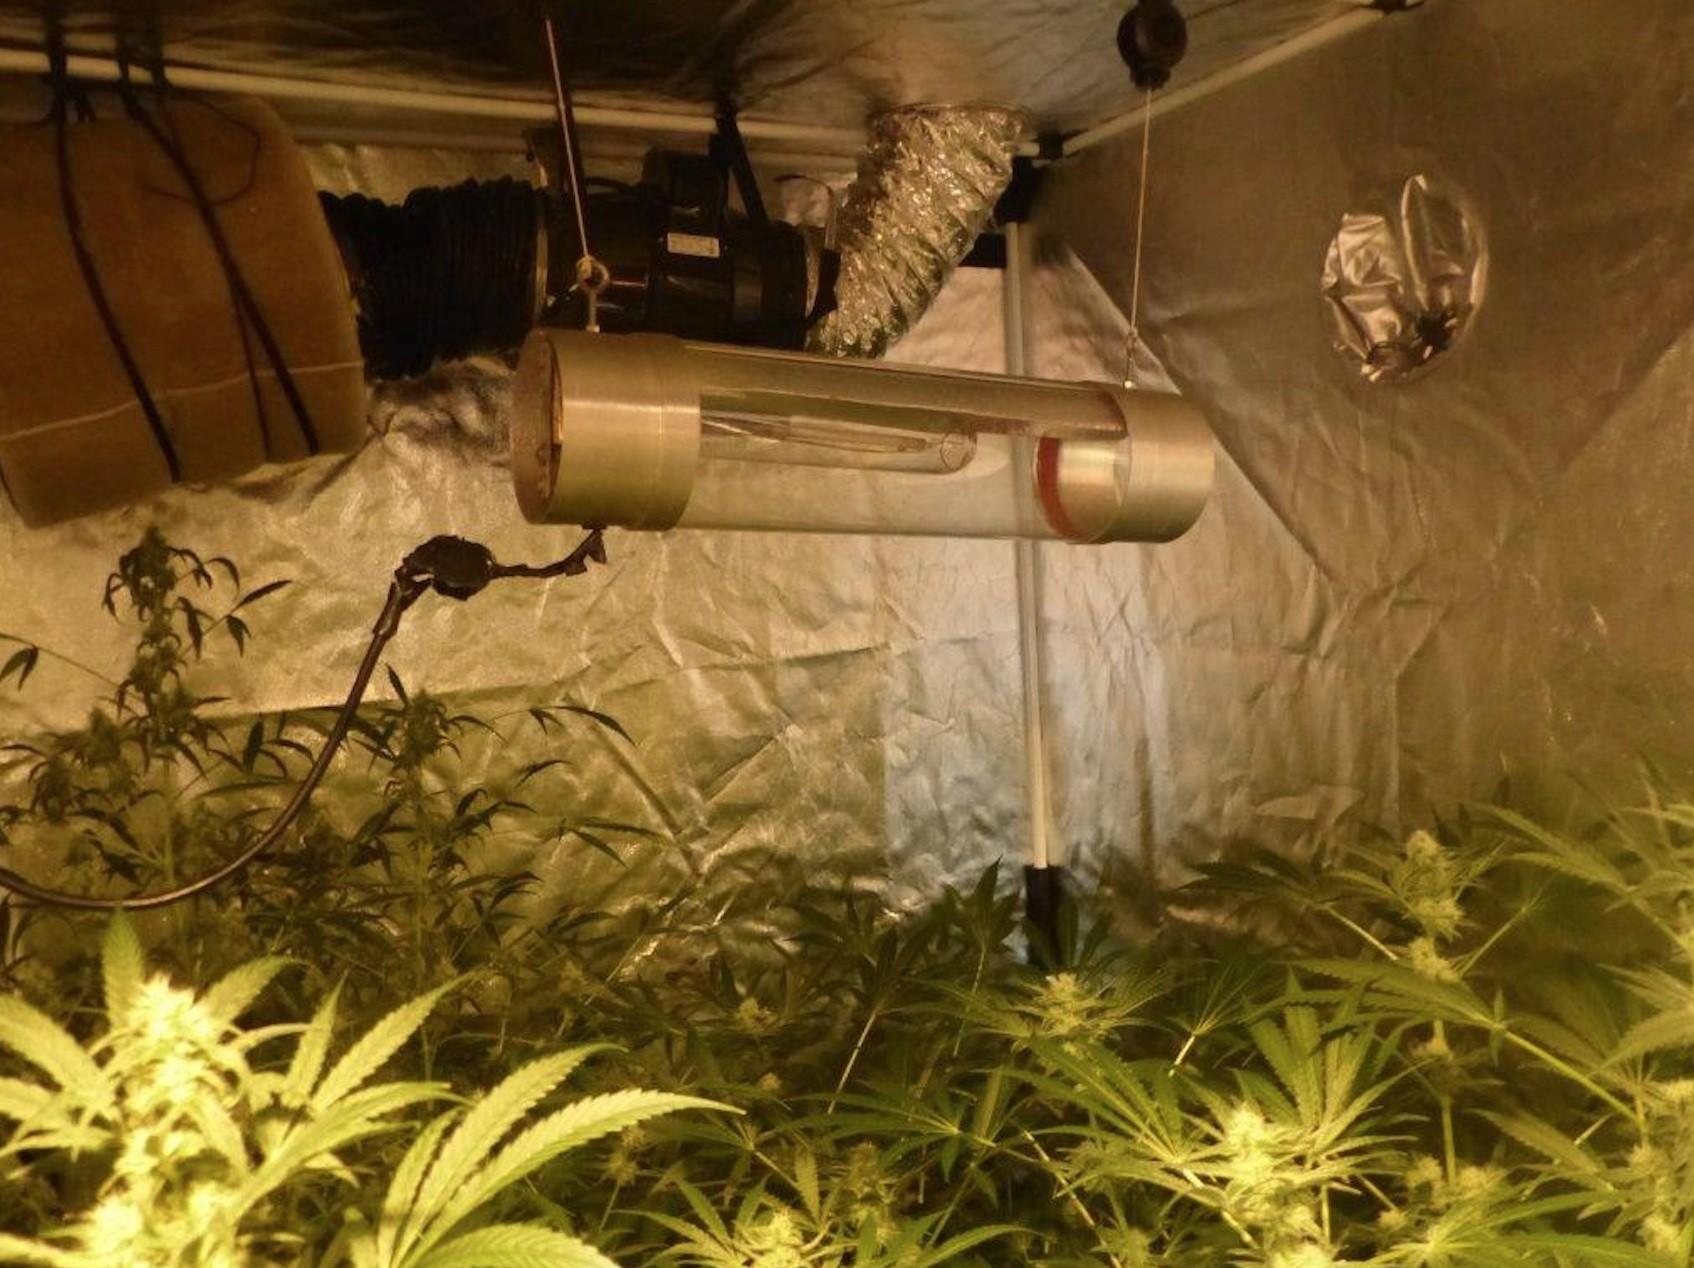 dinard une chambre de culture de cannabis decouverte par la police en centre ville actu fr